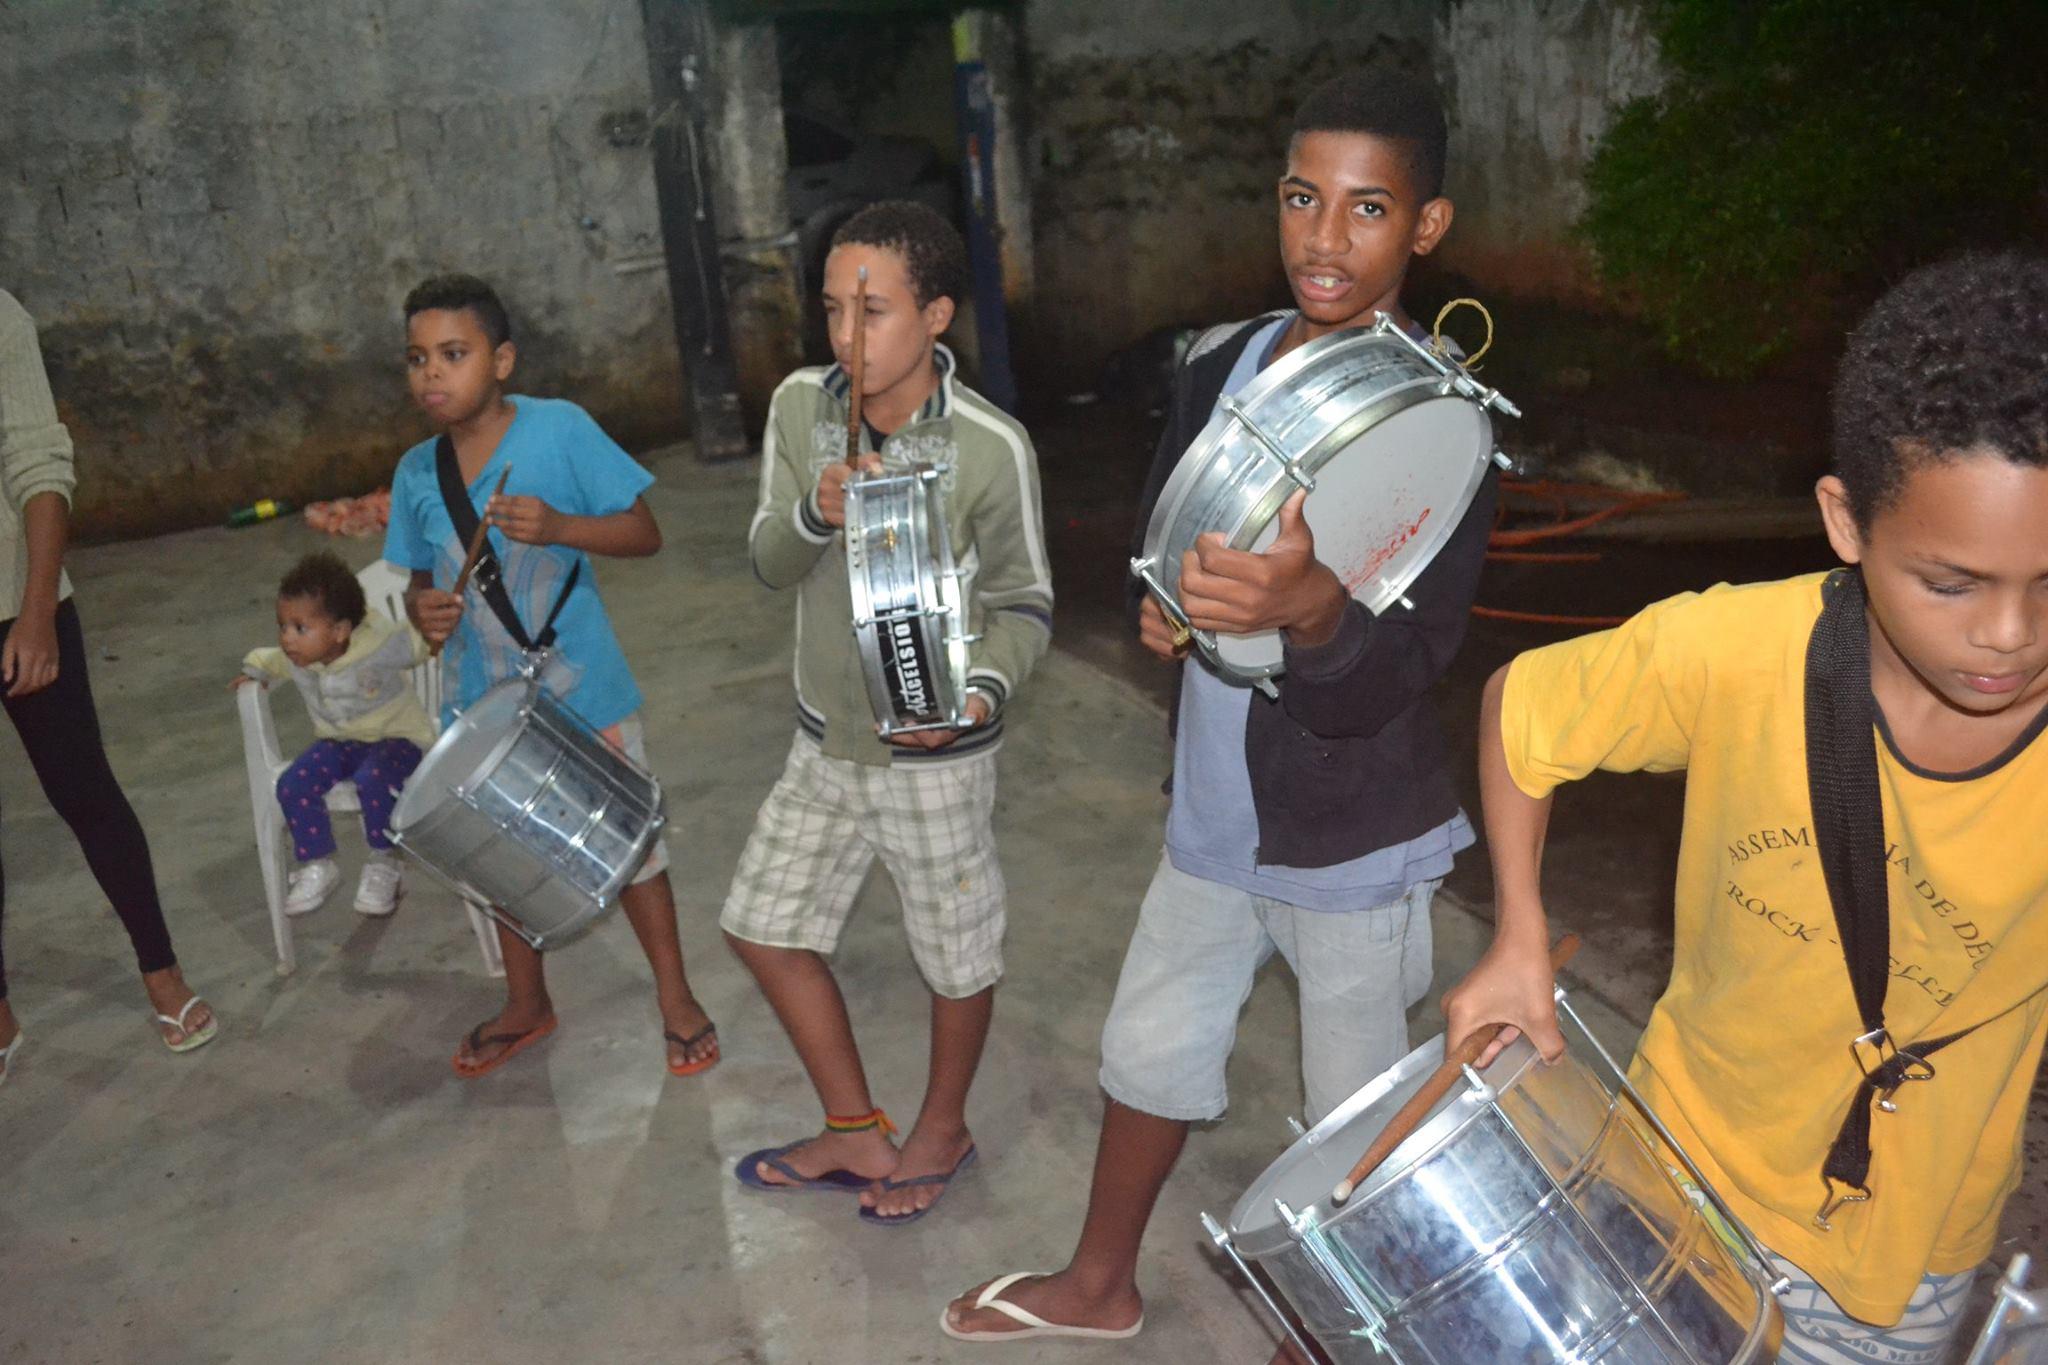 A Noiva Atrasou BrazilFoundation Outra Parada Premio de Inovação